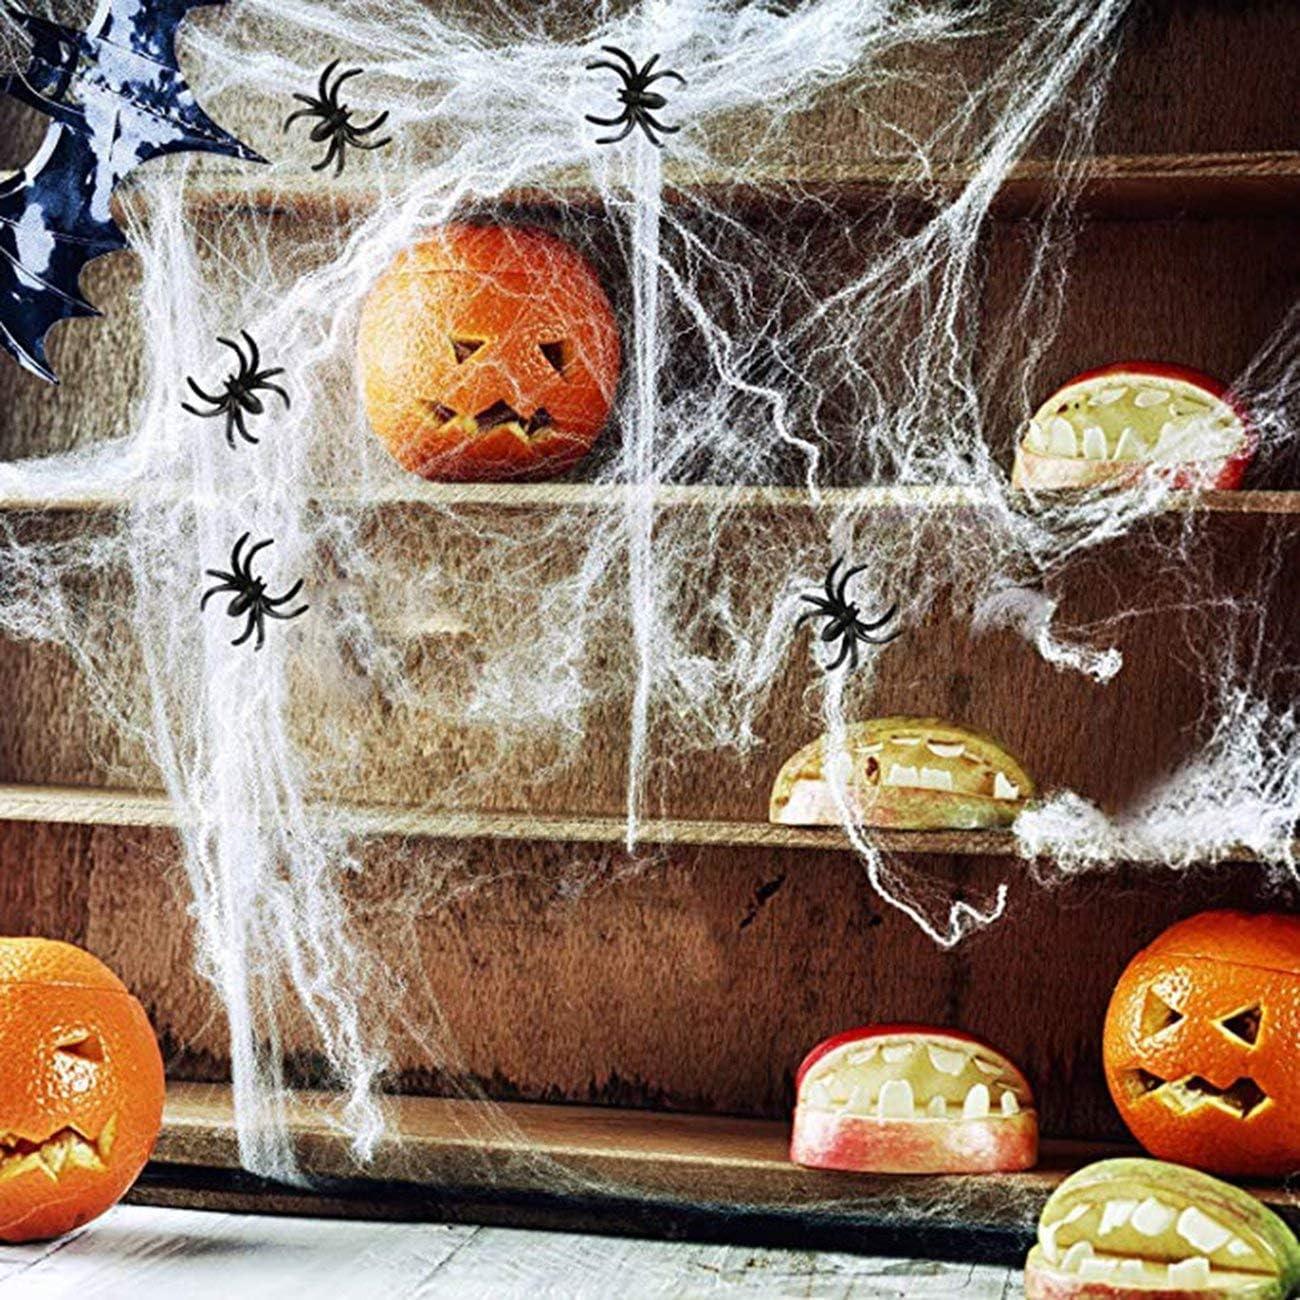 Blanc JIUY D/écorations dhalloween d/écoration dhalloween Araign/ée Coton r/éaliste de Toile daraign/ée Halloween Terrorist Spider Web